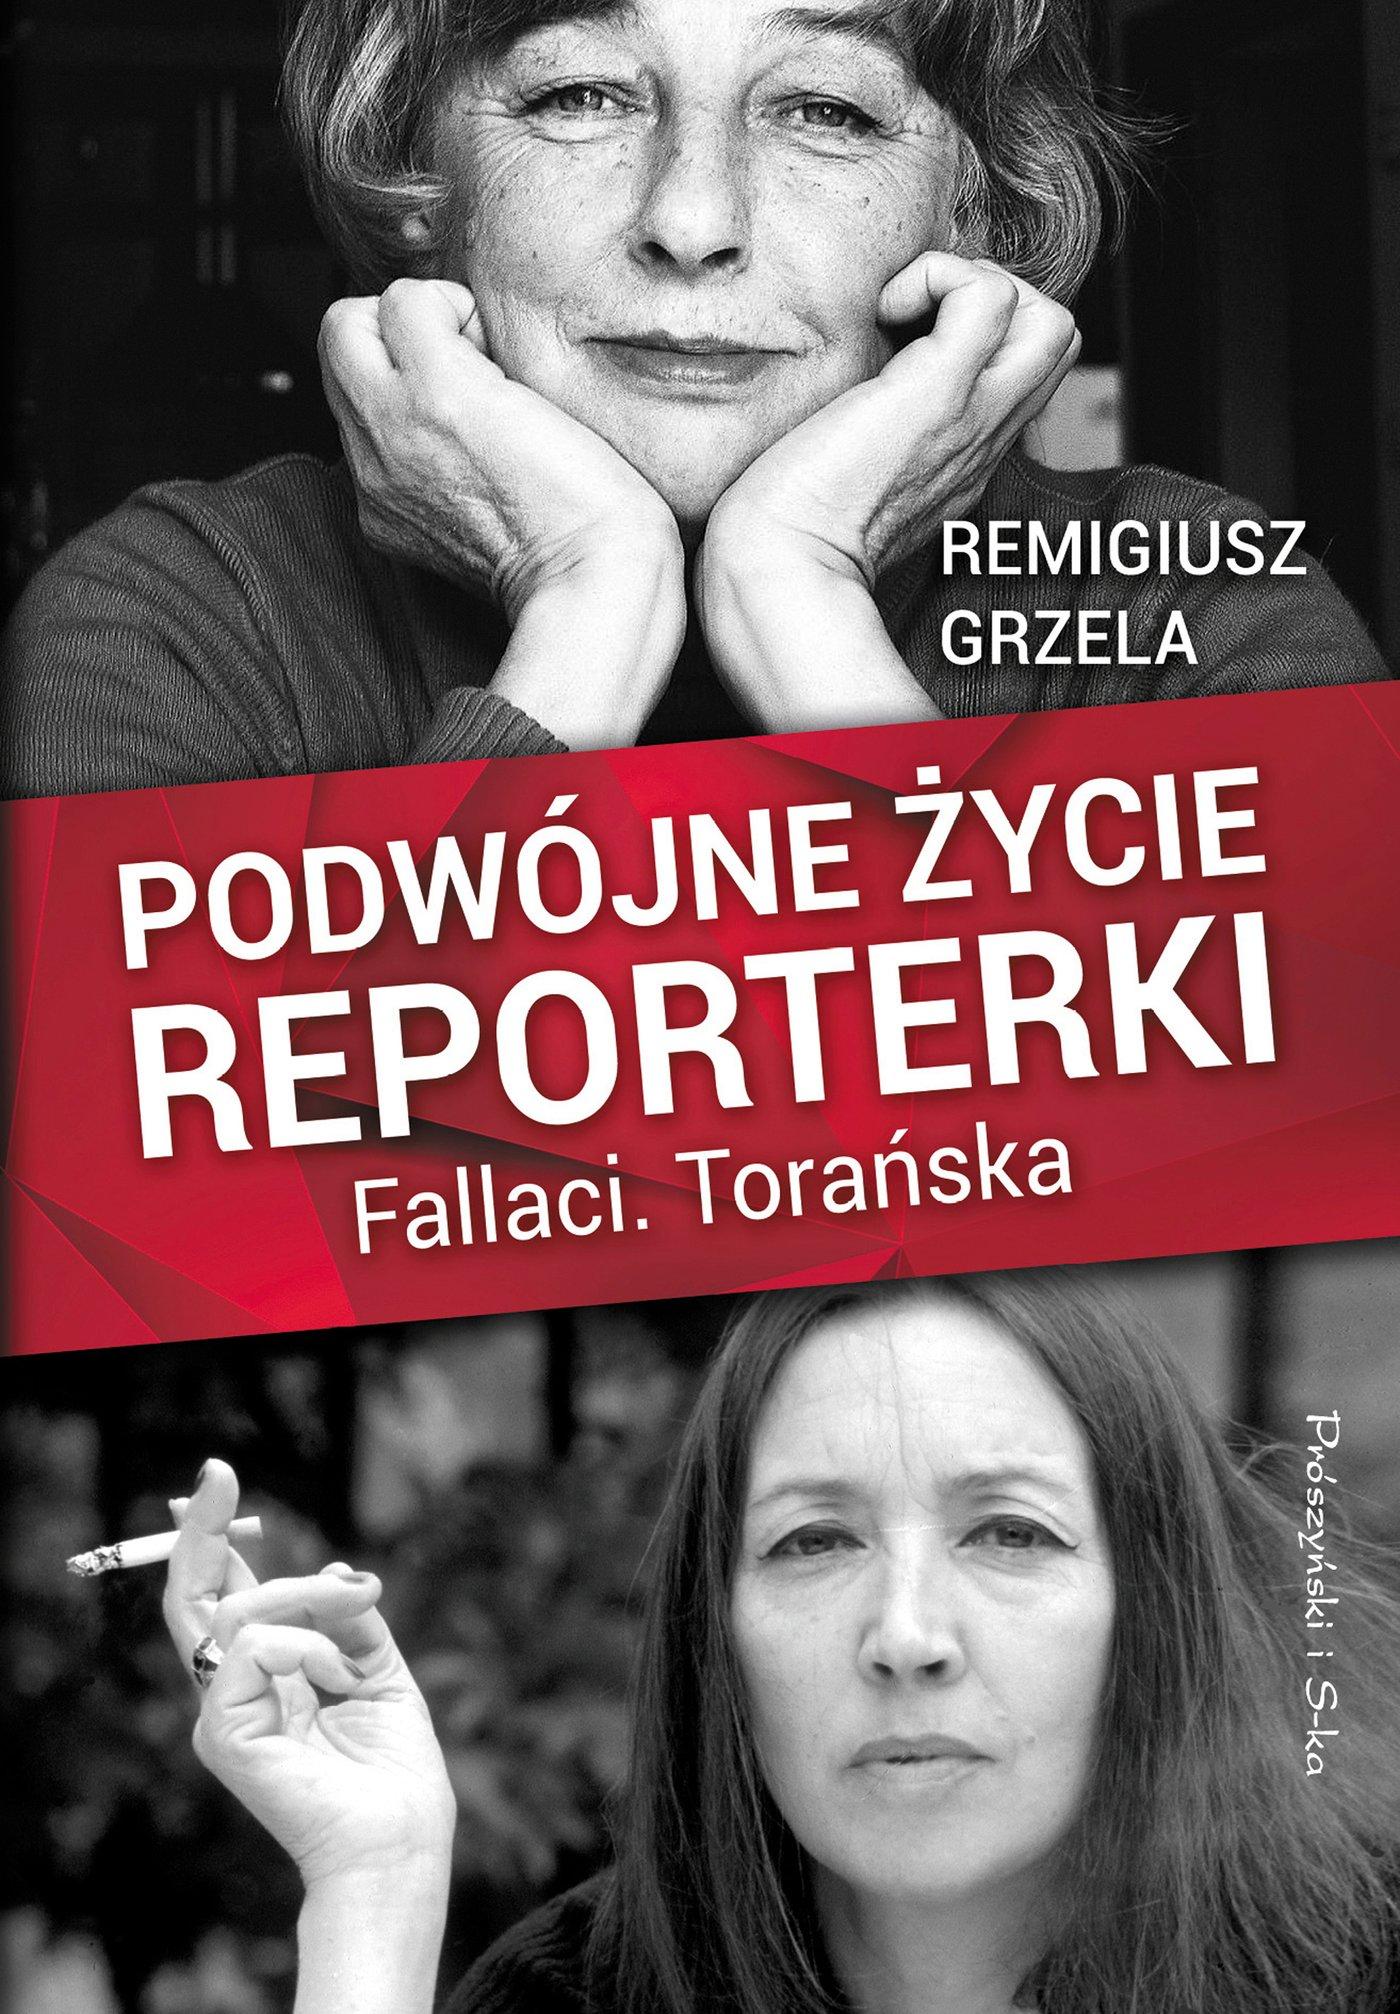 Podwójne życie reporterki. Fallaci. Torańska - Ebook (Książka na Kindle) do pobrania w formacie MOBI